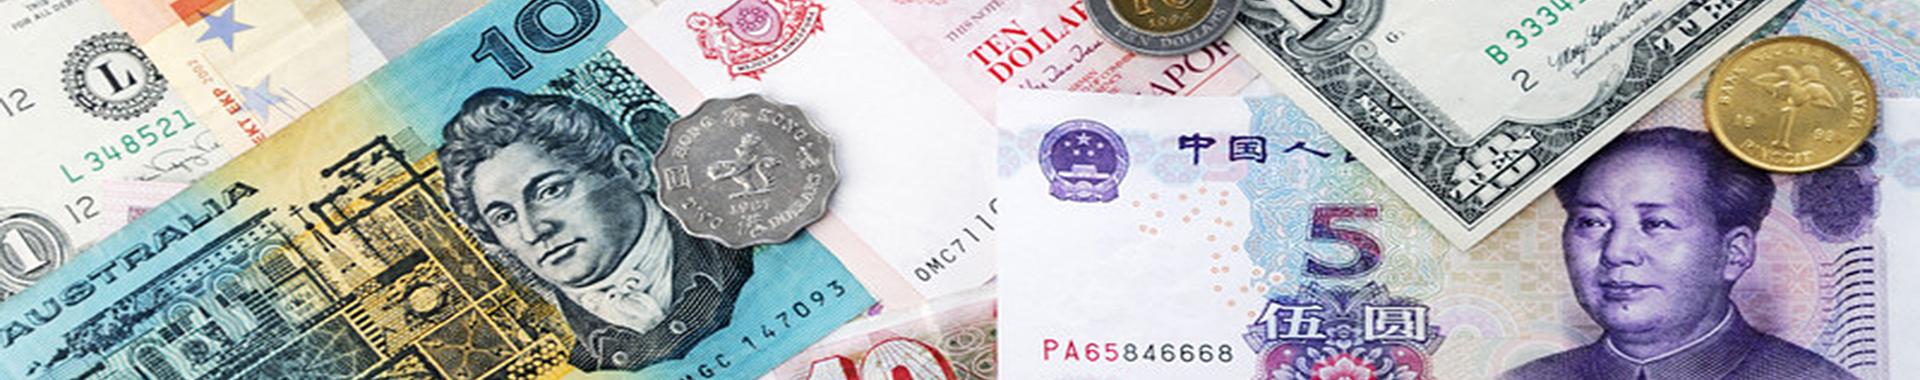 Währungshandel - Header